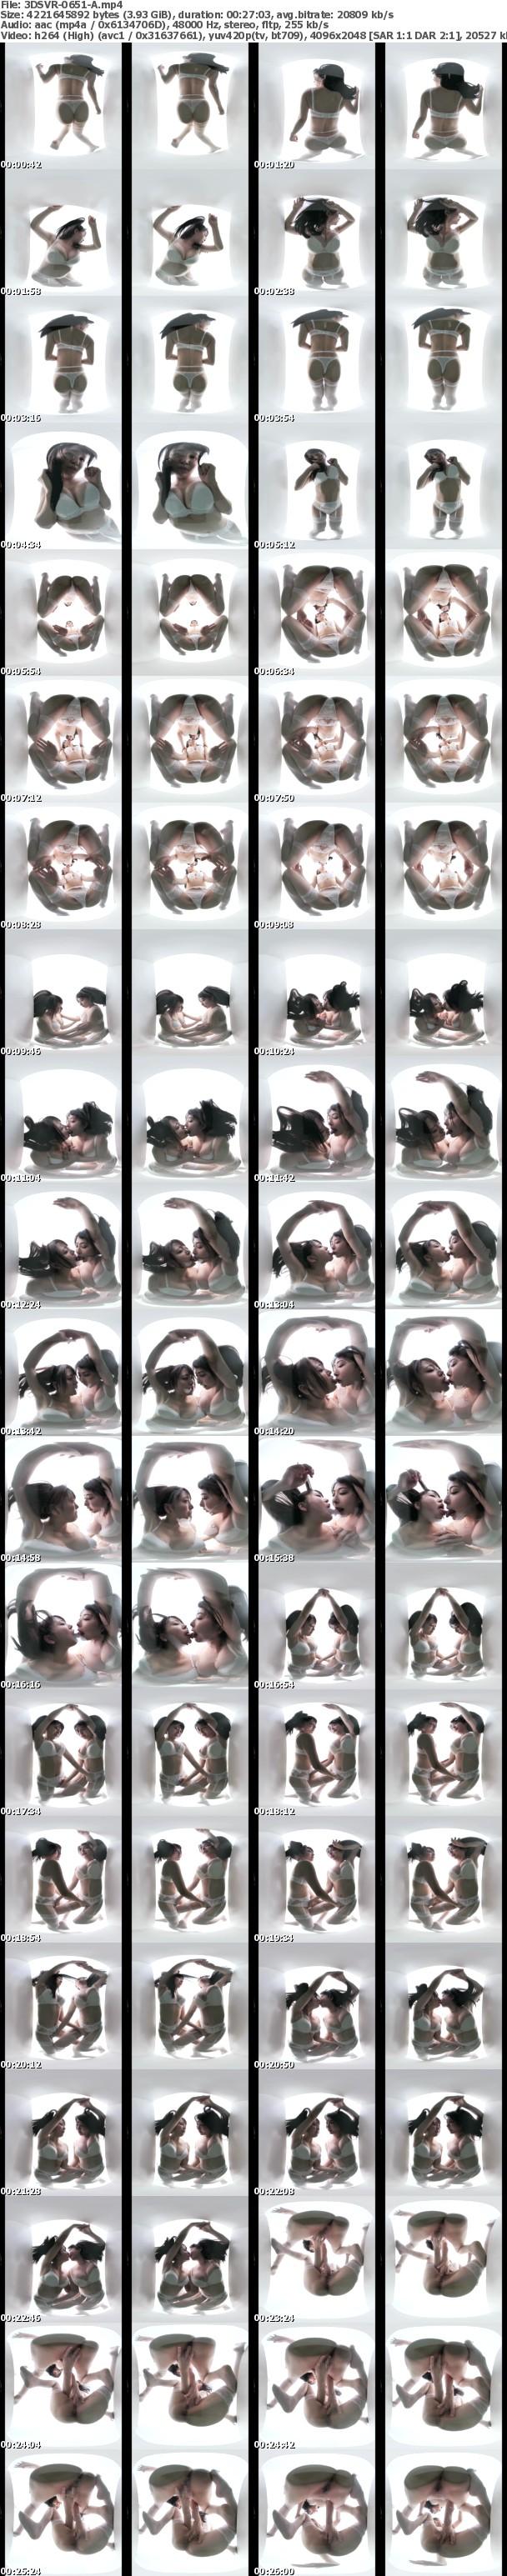 3DSVR-0651-A-screenshot